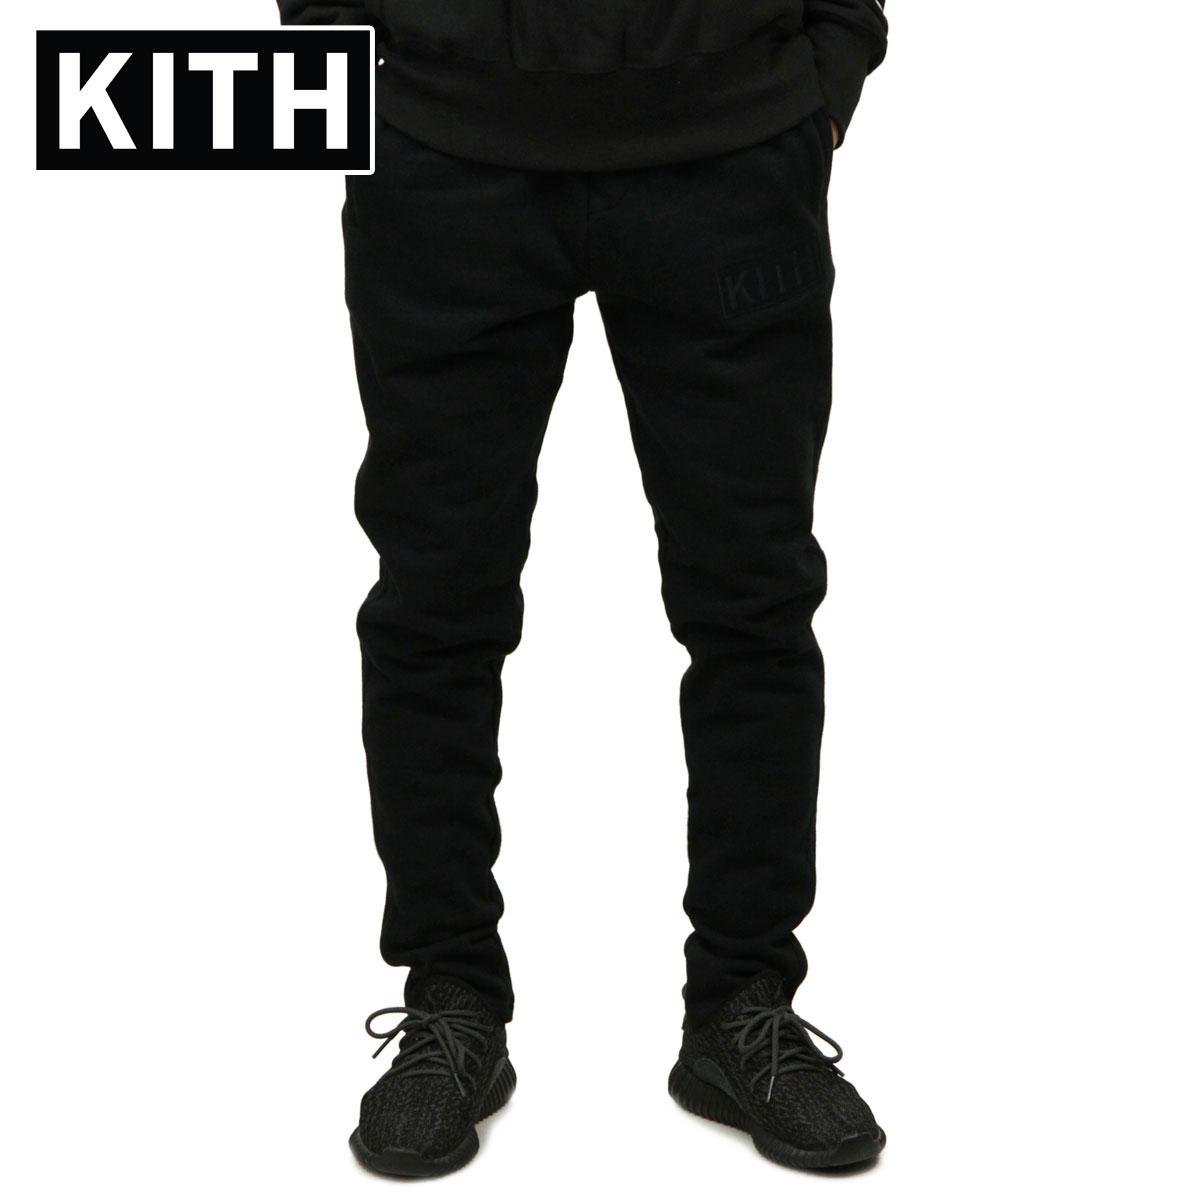 キス KITH 正規品 メンズ スウェットパンツ KITH WILLIAMS II SWEATPANT KH6160-100 BLACK